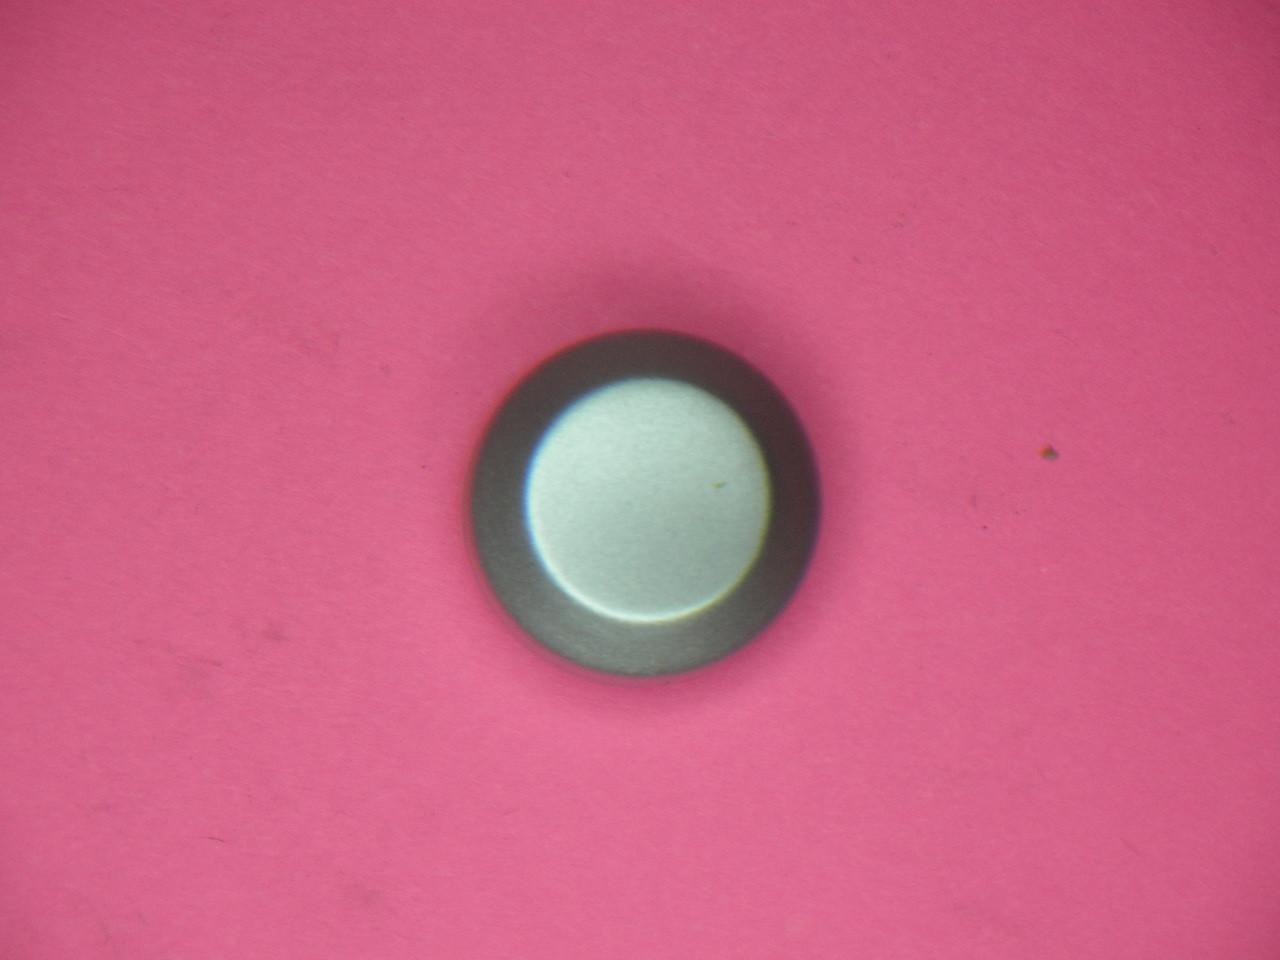 A 1 OKUMA 25130753 HANDLE CAP FOR CEDROS CJ 55 65 80